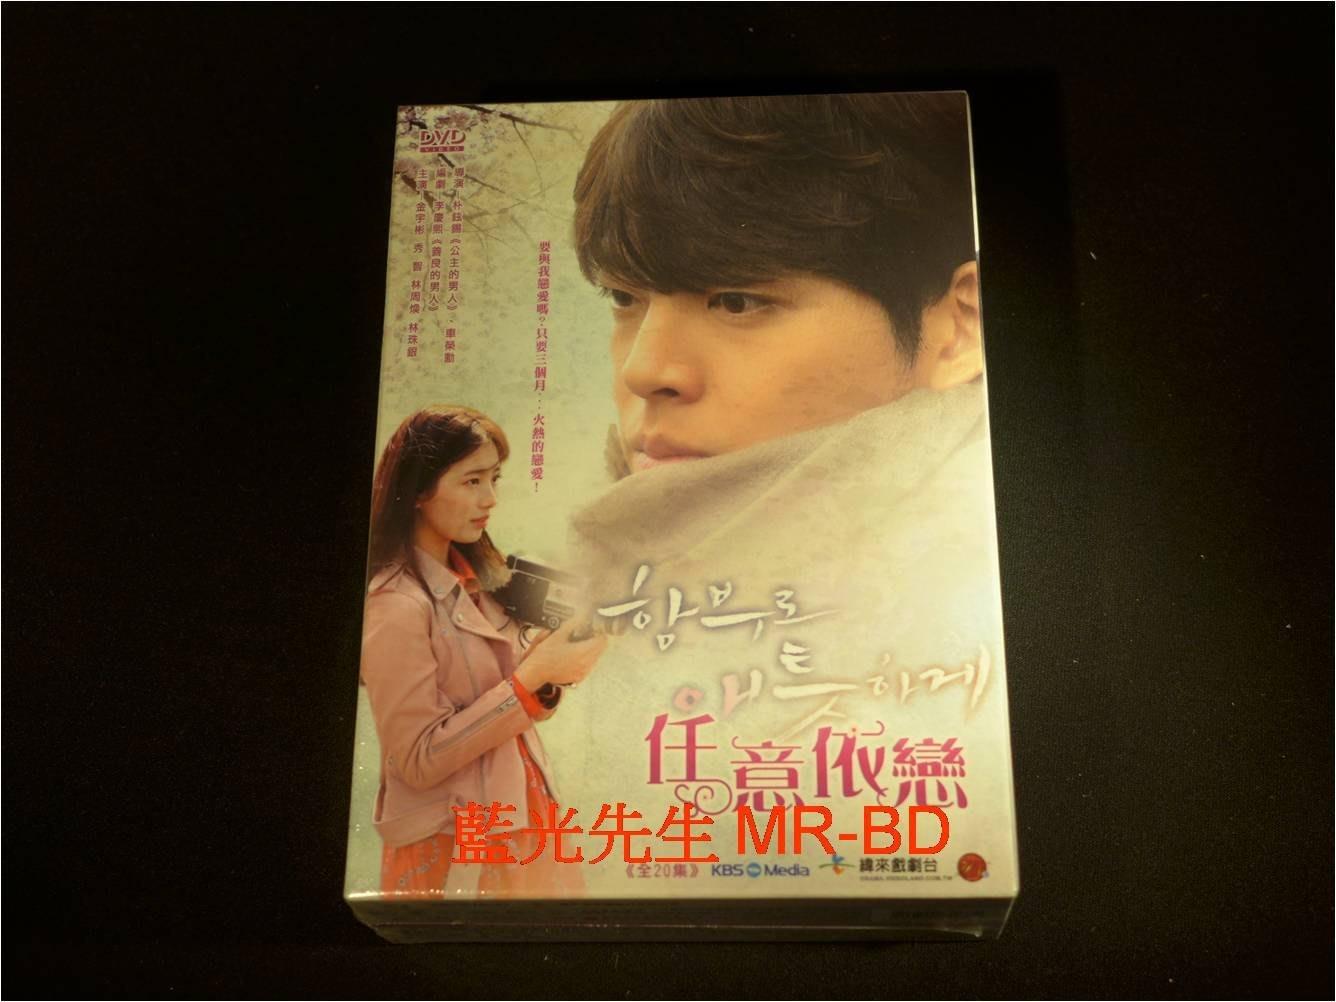 [DVD] - 任意依戀 Uncontrollably Fond 七碟版 ( 台灣正版 )